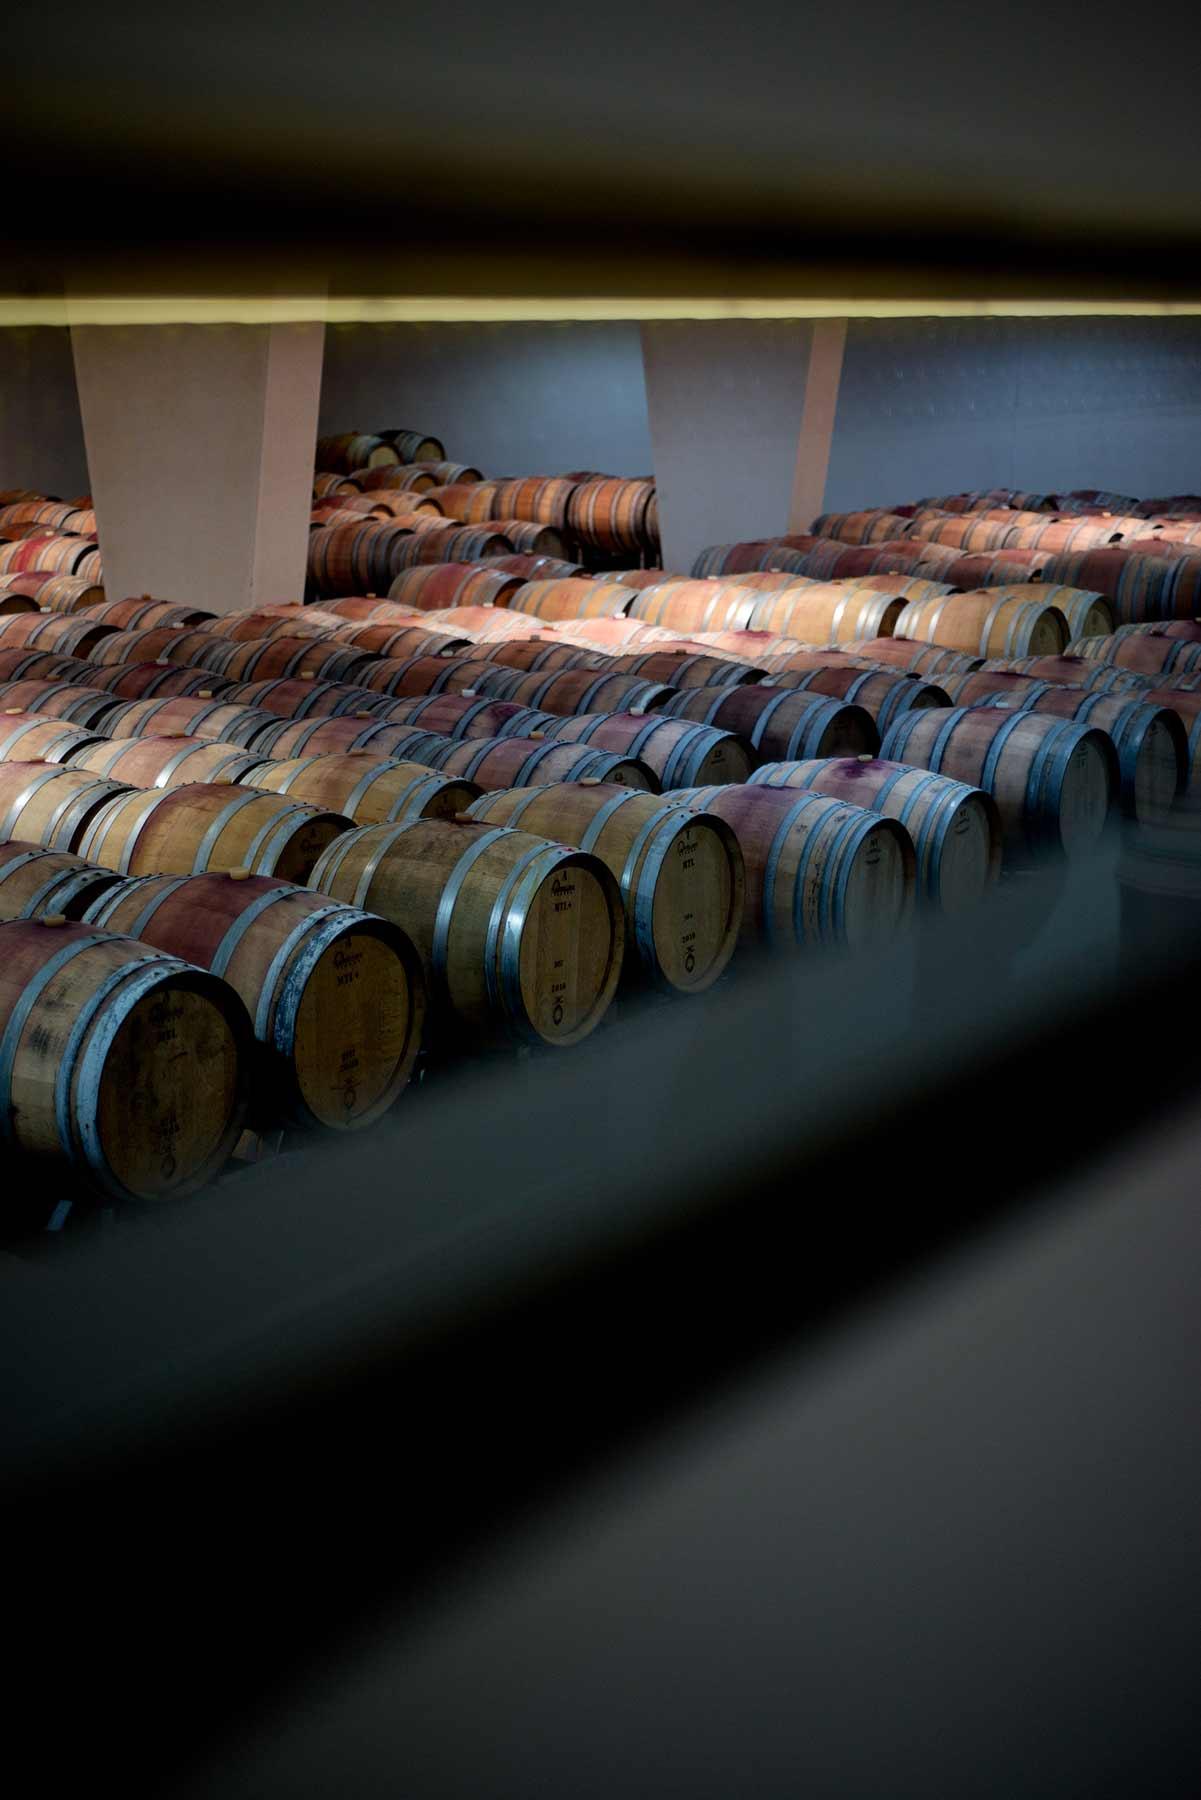 reportage fotografico cantine vinicole tormaresca. foto danilo dom calogiuri